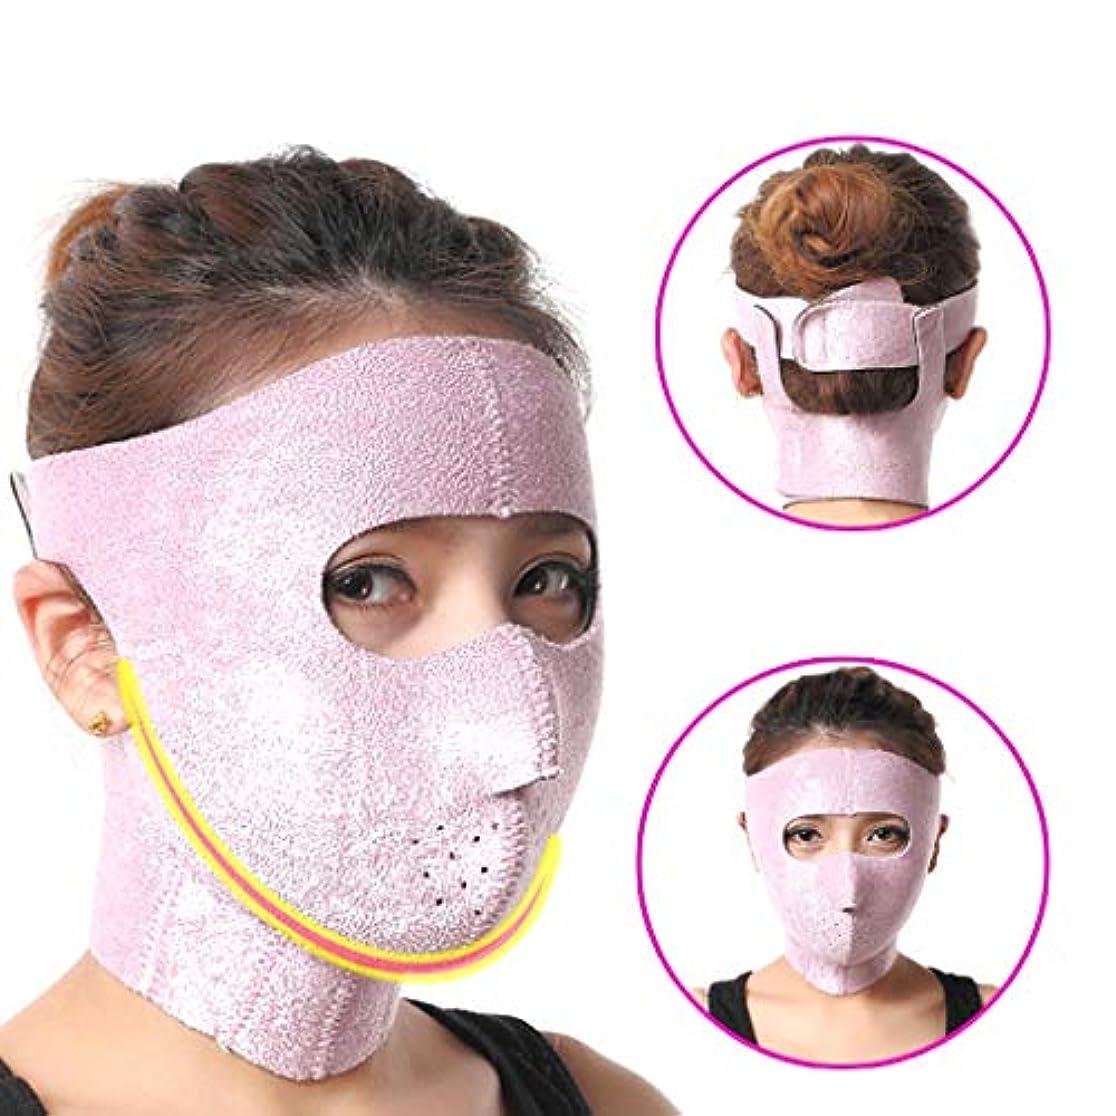 コーナー疑い者謙虚な薄いあご修正ツール、顔リフティングマスク、リフティングファーミング、Vフェイシャルマスク、改良された咬筋二重あご、男性と女性の両方に適しています